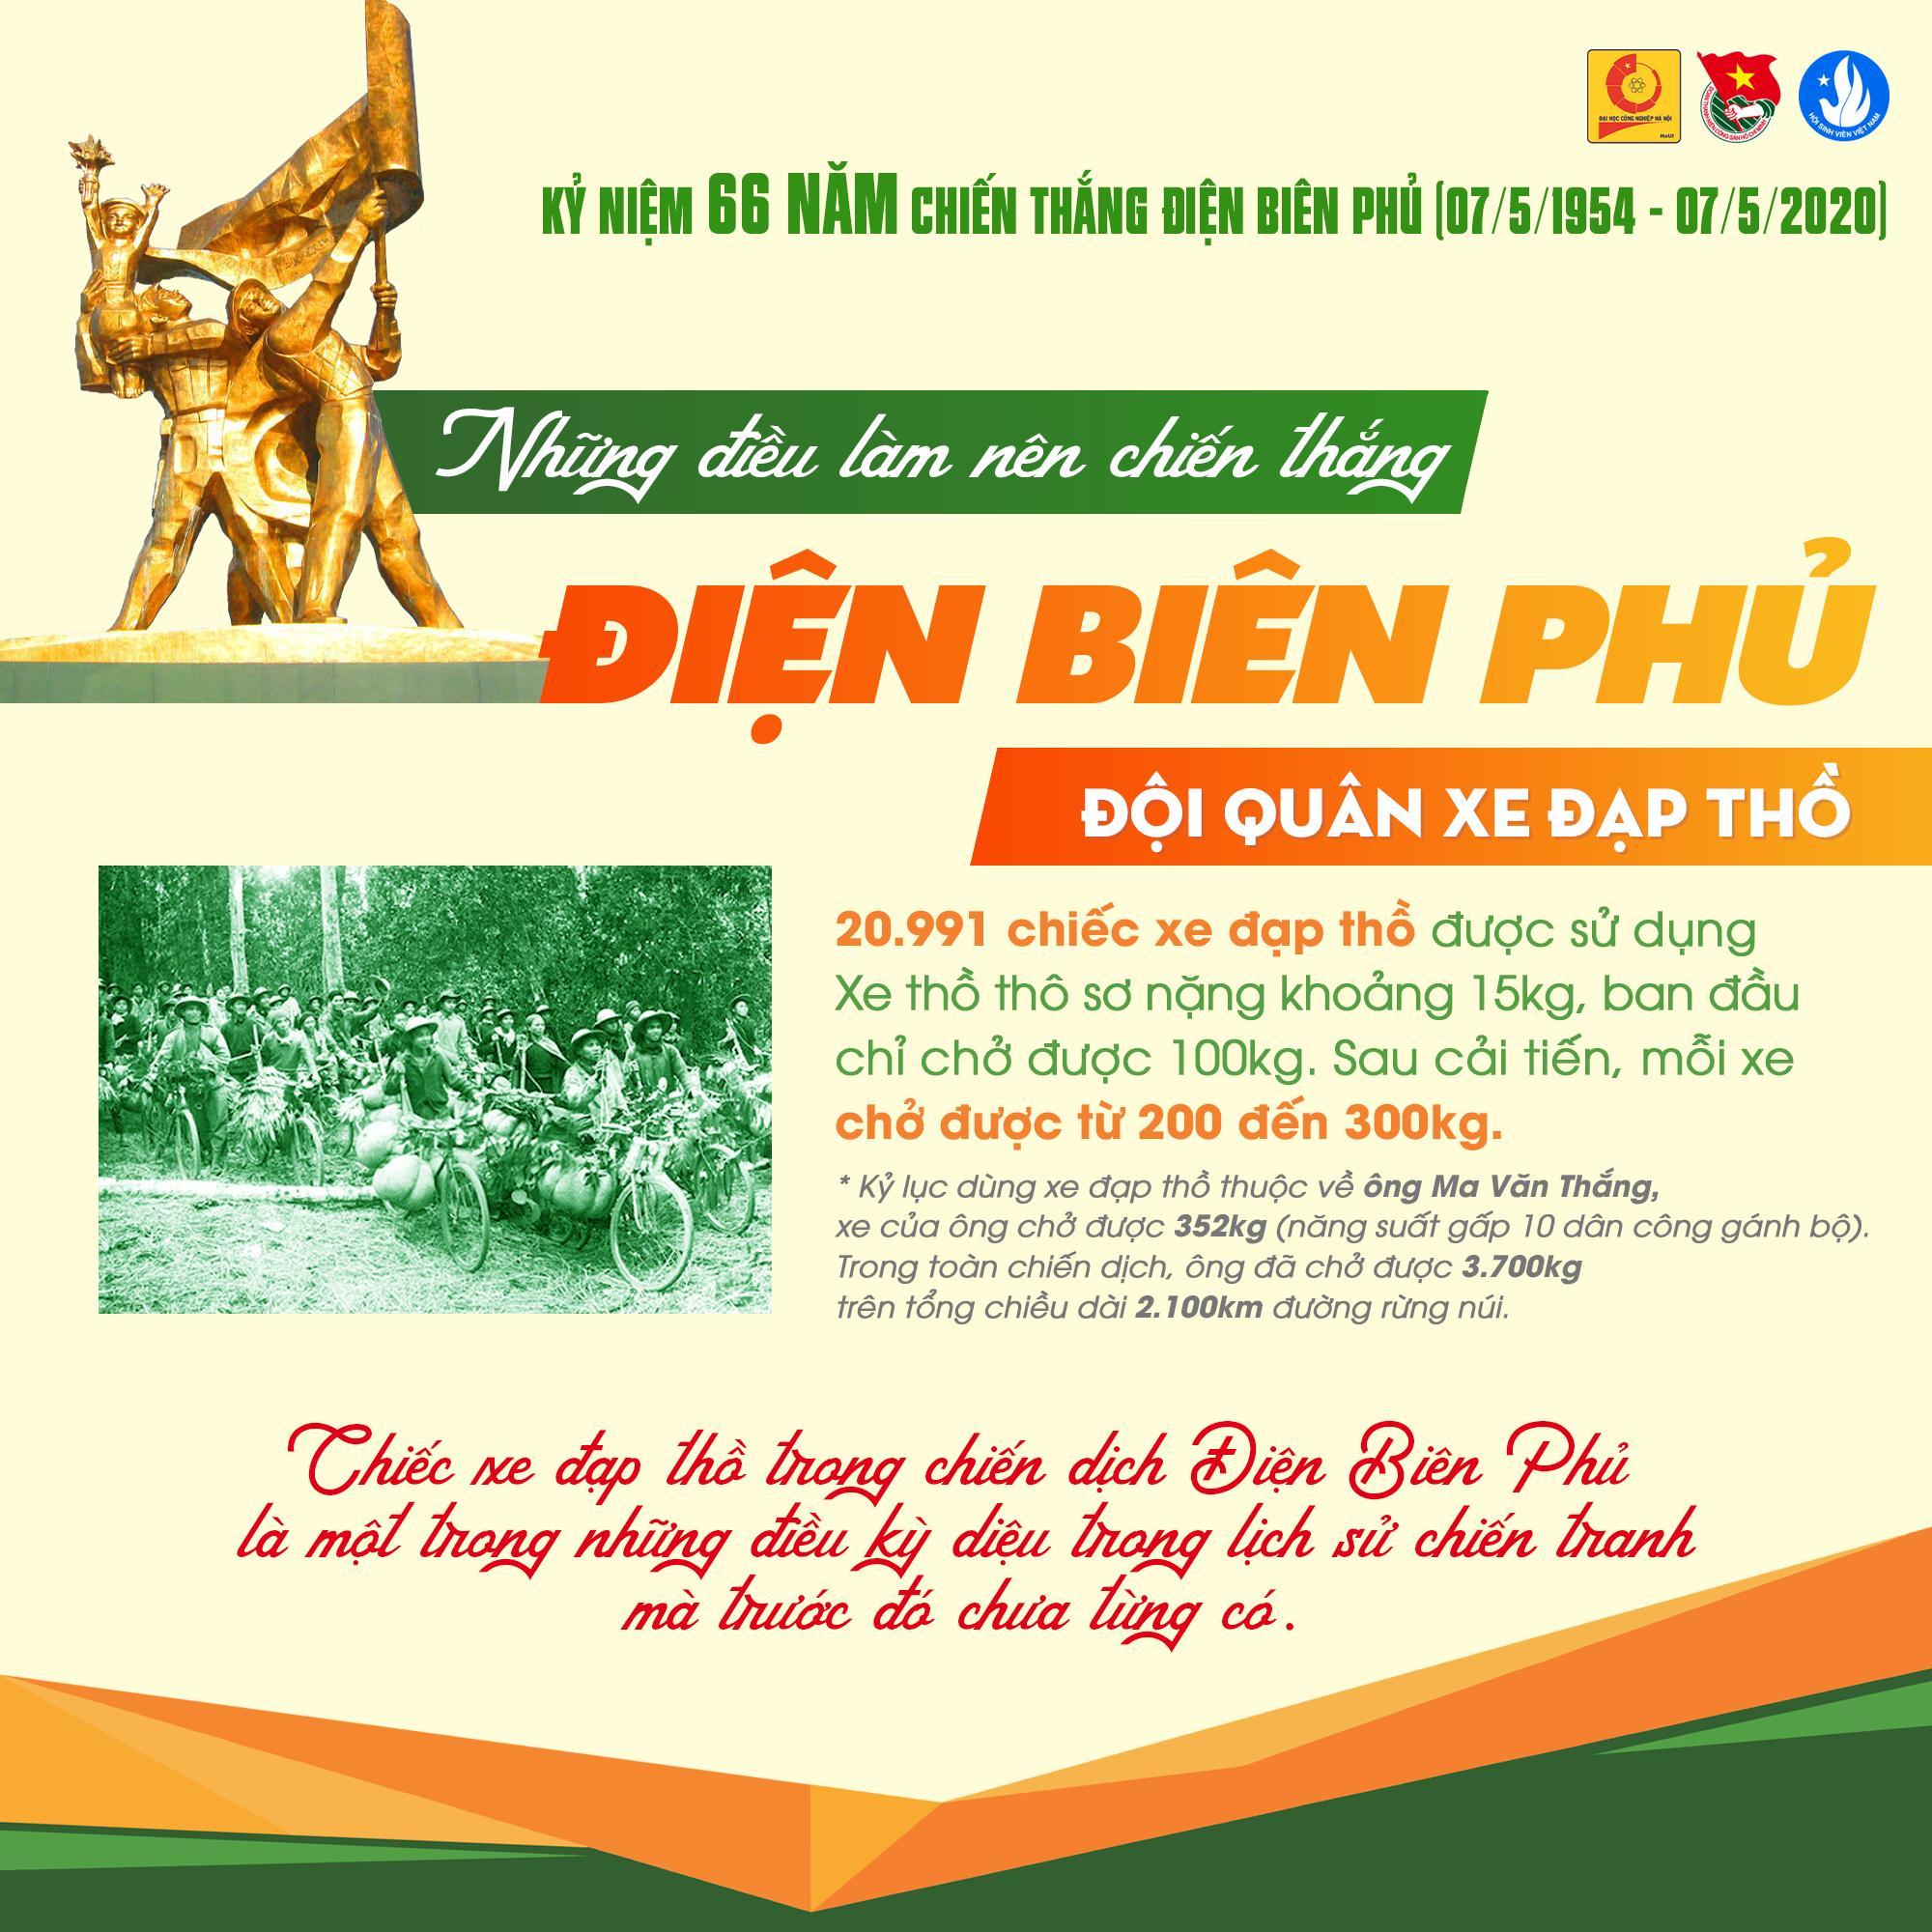 Kỷ niệm 66 năm Chiến thắng Điện Biên Phủ (07/05/1954 - 07/05/2020): Sức mạnh đại đoàn kết toàn dân tộc